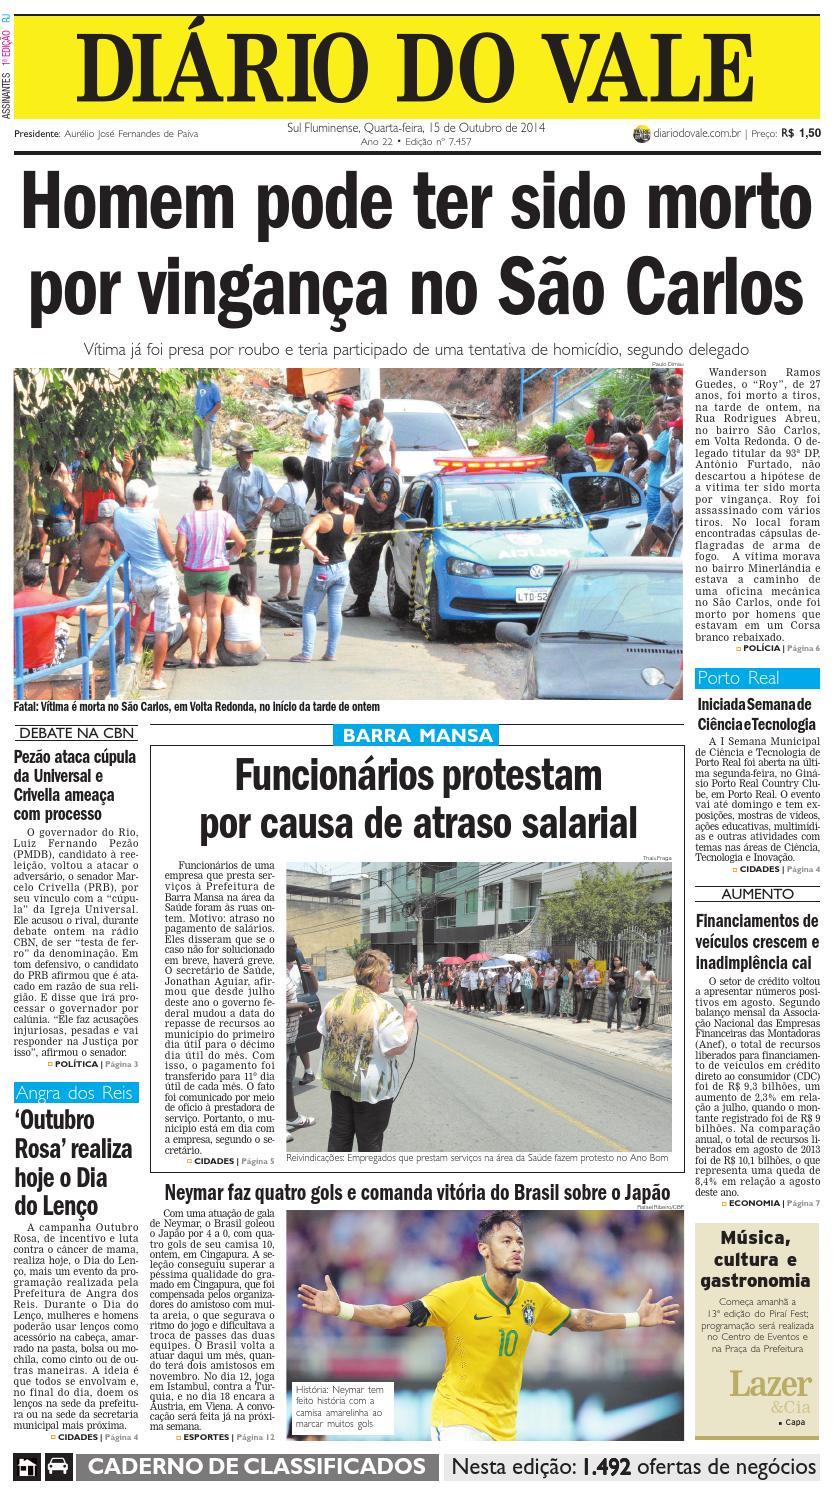 7457 diario quarta feira 15 10 2014 by Diário do Vale - issuu abc2b1e55b0